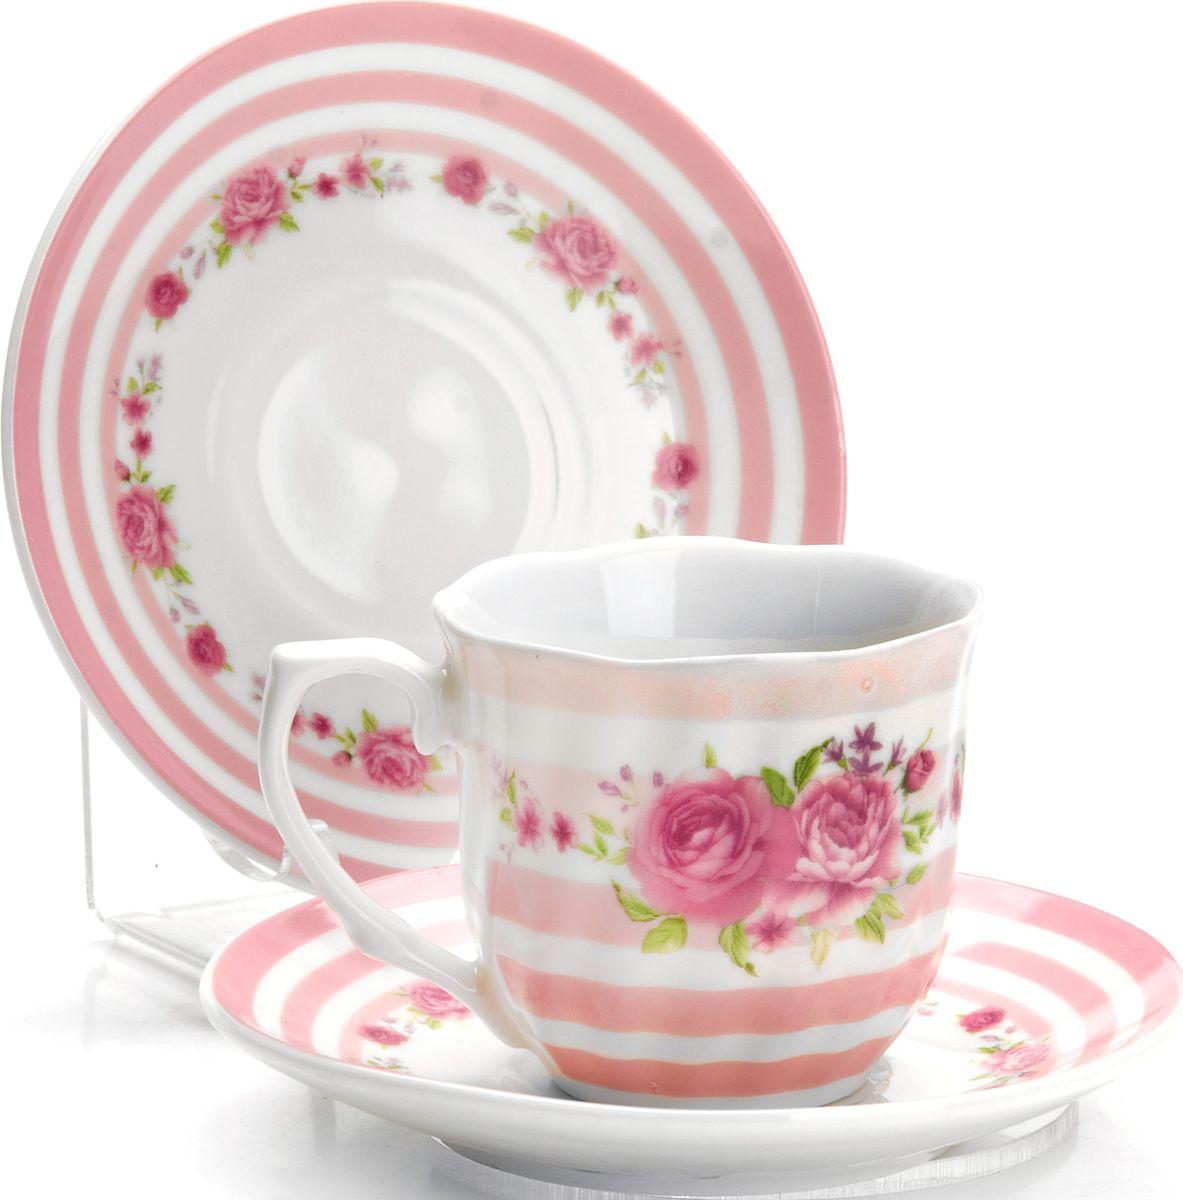 Набор кофейный Loraine, 12 предметов. 43328115510Кофейный сервиз на 6 персон изготовлен из качественного фарфора и оформлен красивым цветочным рисунком. Элегантный и удобный кофейный сервиз не только украсит сервировку стола, но и поднимет настроение и превратит процесс чаепития в одно удовольствие.Сервиз состоит из 12 предметов: шести чашек и шести блюдец, упакованных в подарочную коробку. Чашки имеют удобную, изящную ручку. Изделия легко и просто мыть. Кофейный сервиз прекрасно подойдет в качестве подарка для родных и друзей на любой праздник!Диаметр чашки: 6 см.Высота чашки: 5,5 см.Объем чашки: 80 мл.Диаметр блюдца: 11 см.